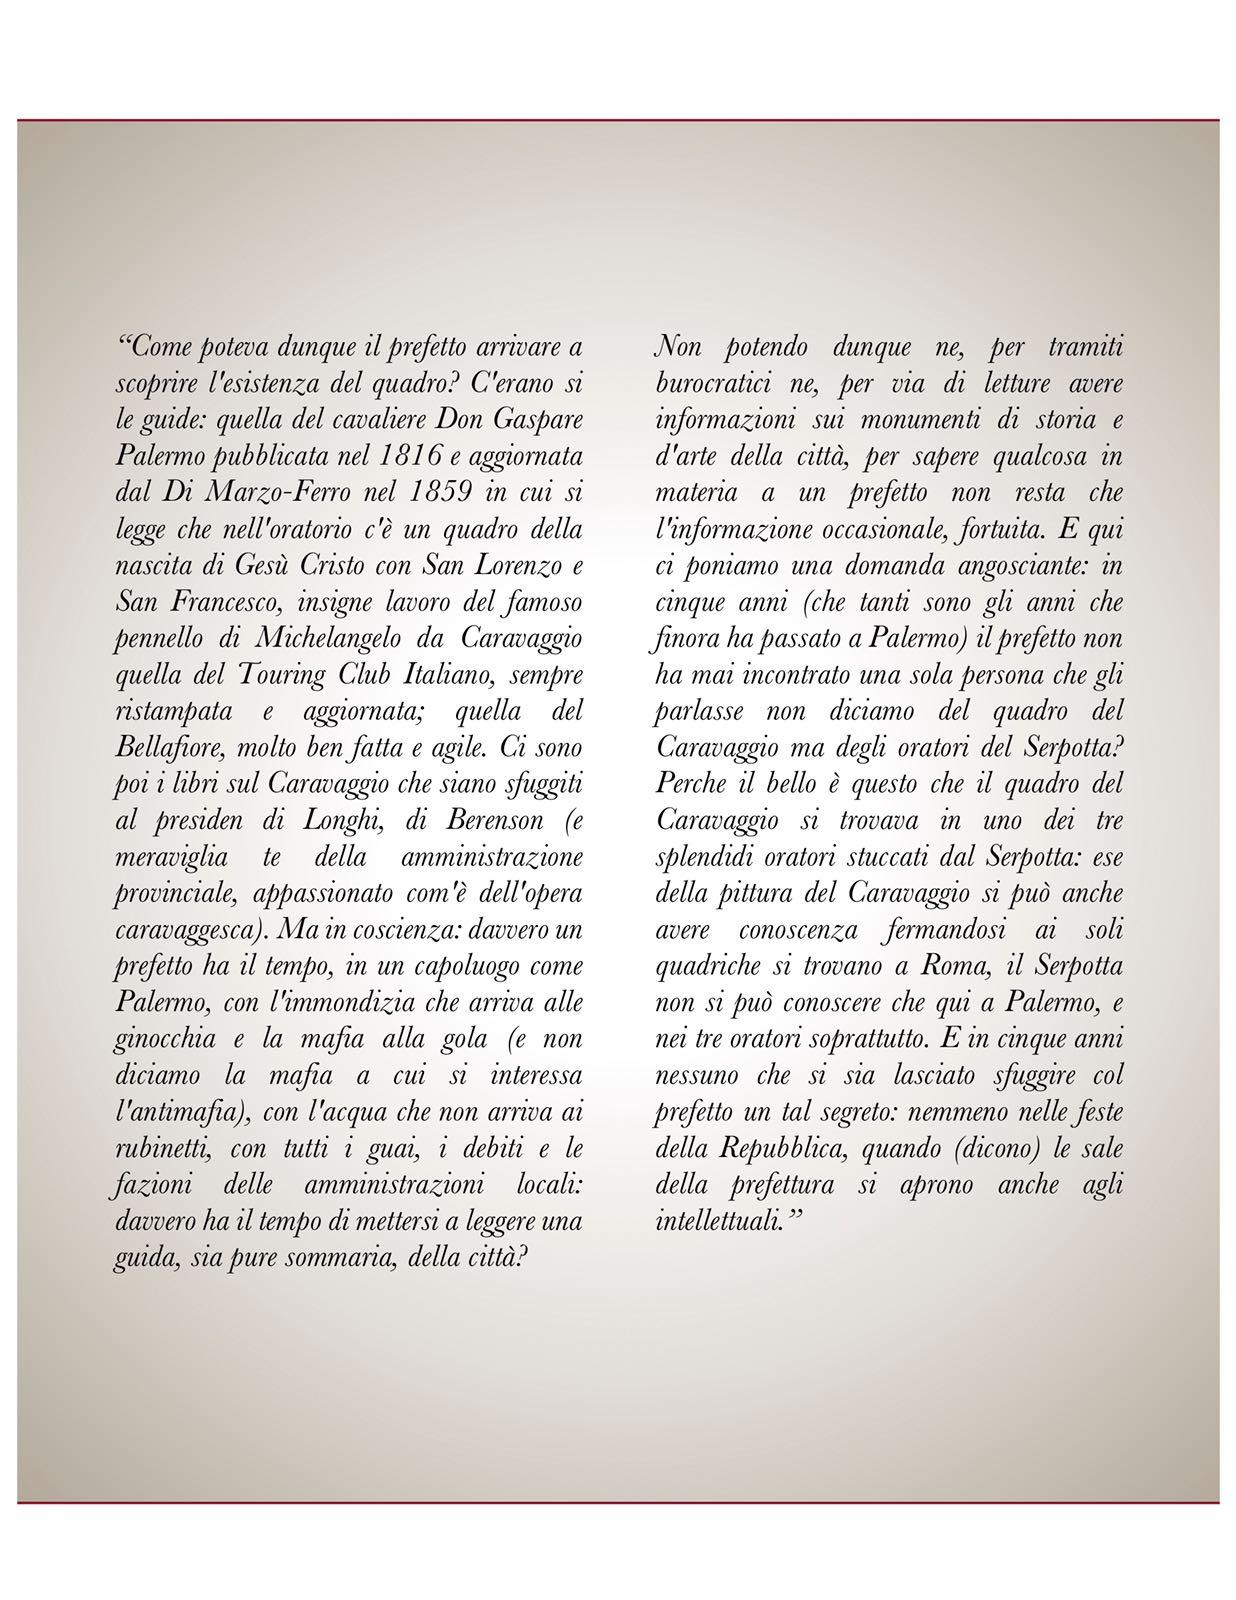 L'immagine riporta uno stralcio di un articolo di L. Sciascia scritto per il Corriere della Sera